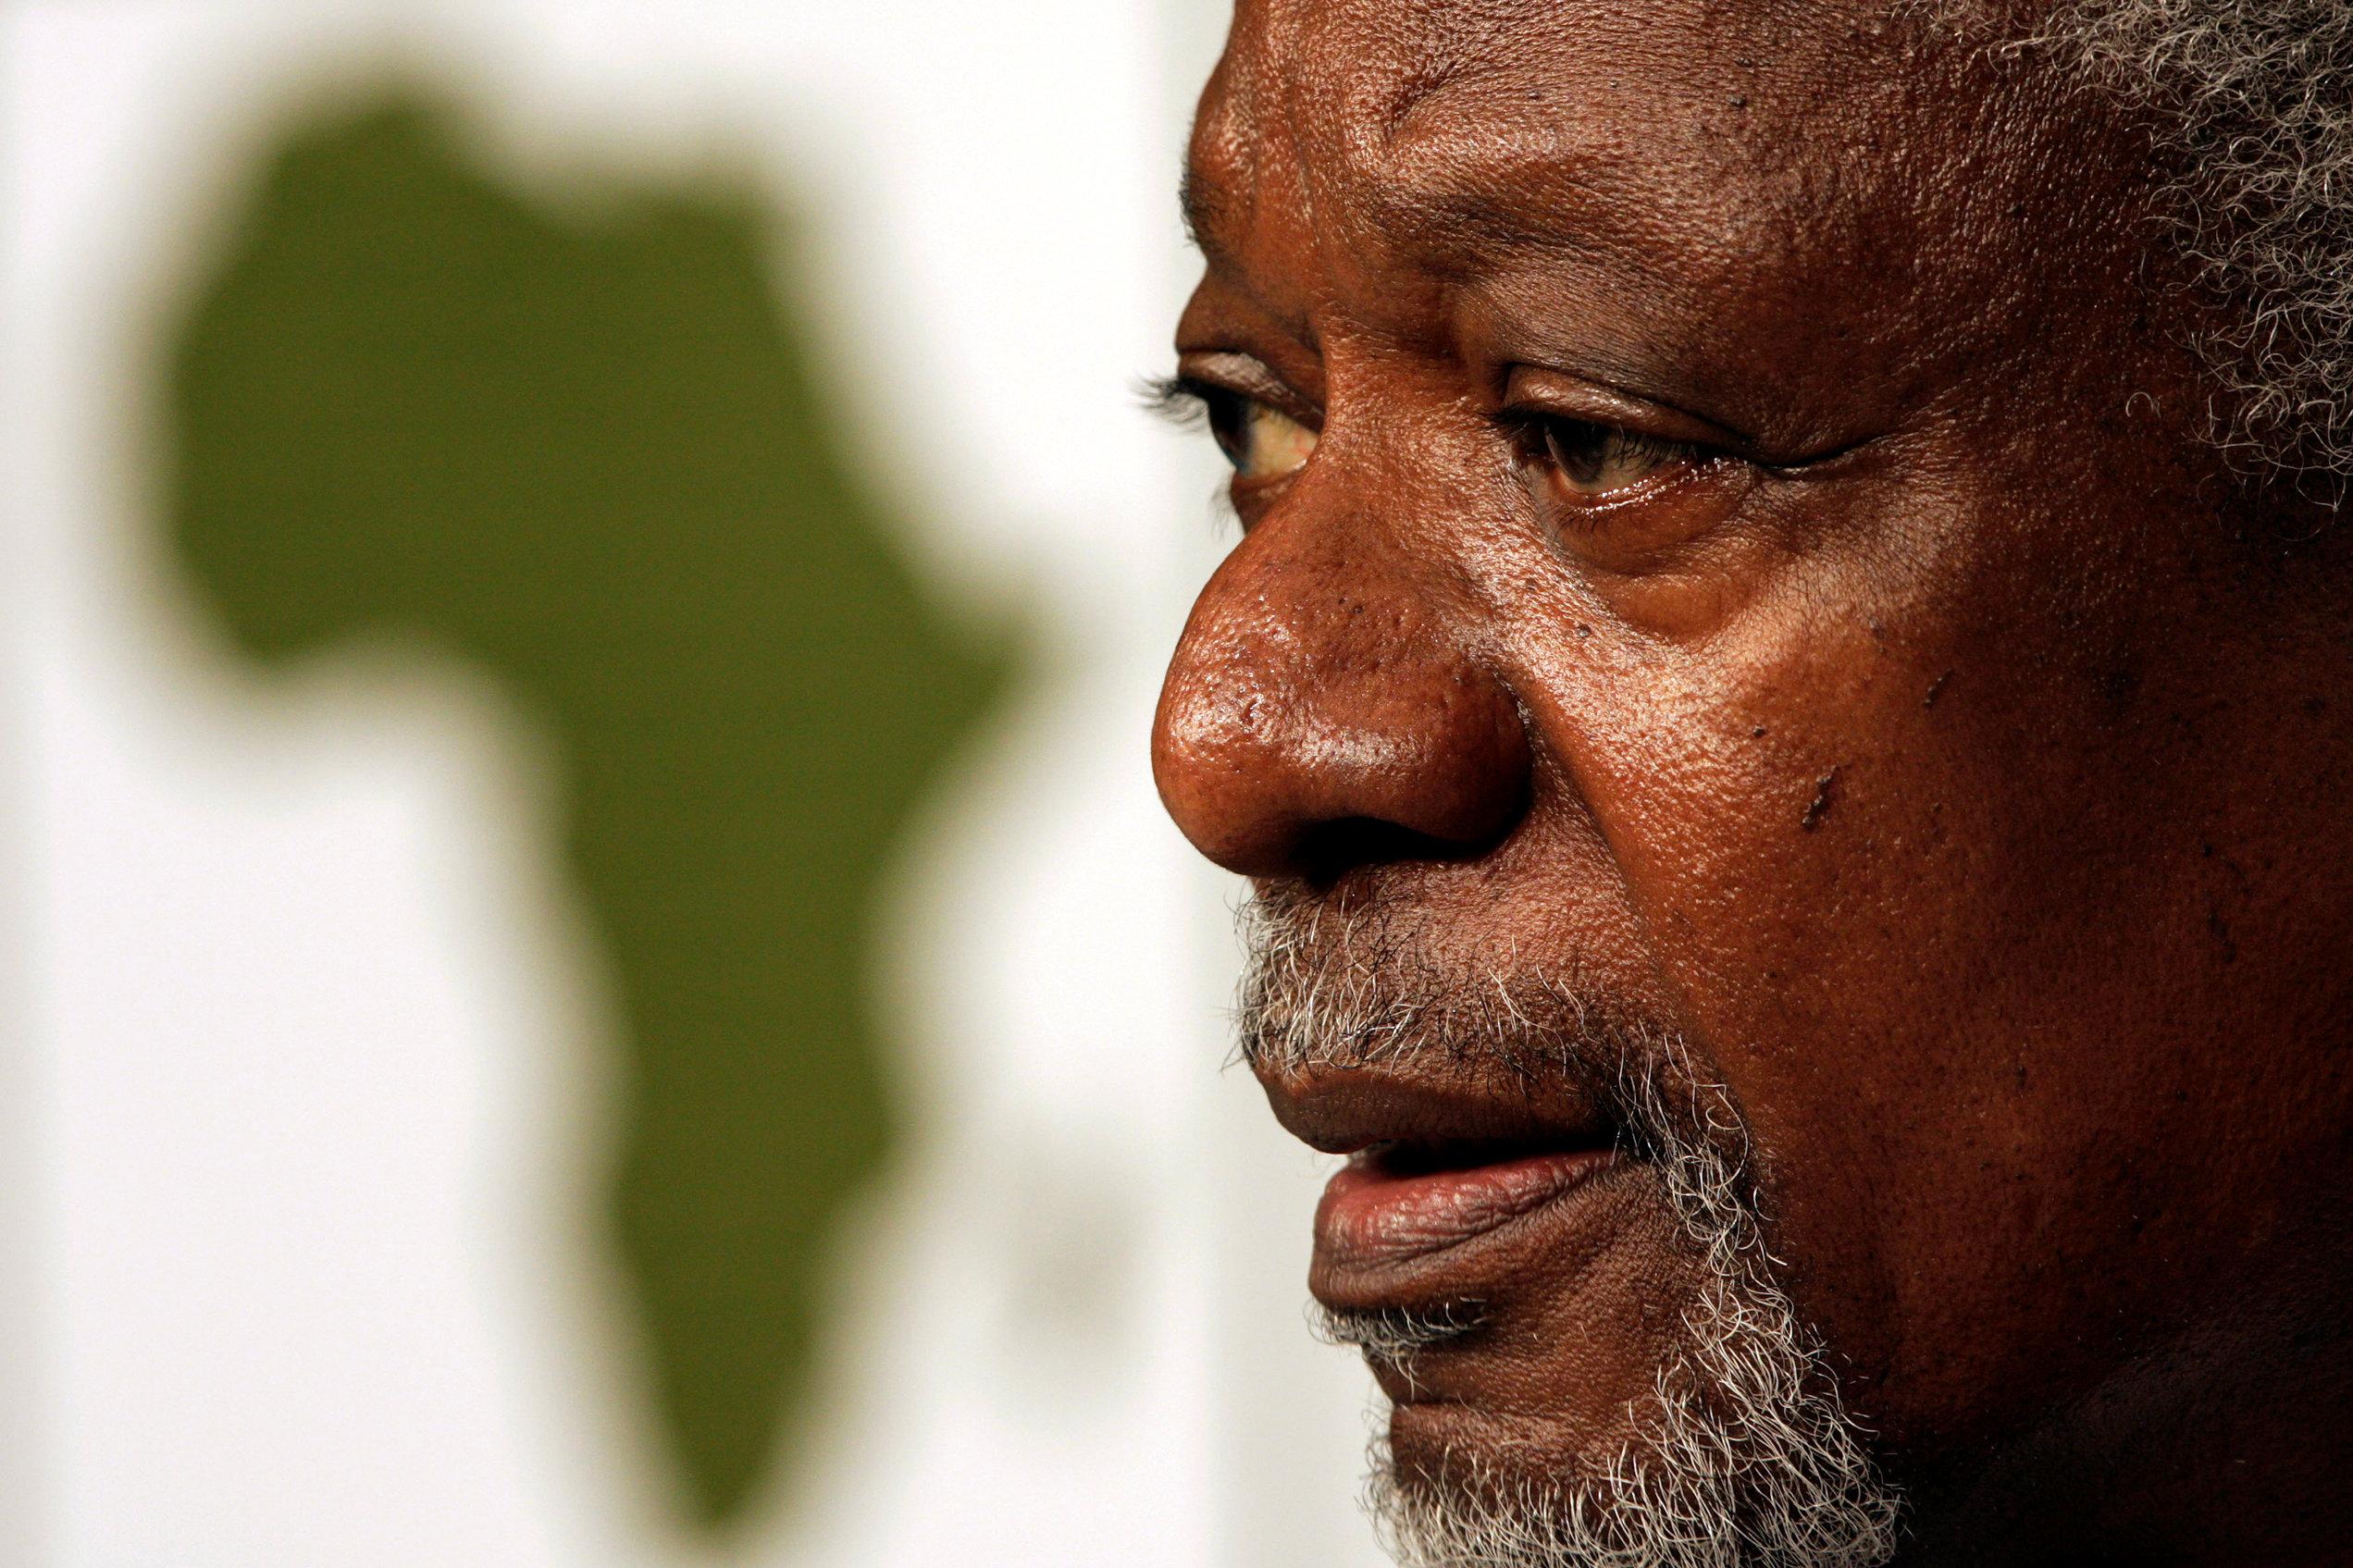 Muere Kofi Annan, ex secretario general de las Naciones Unidas